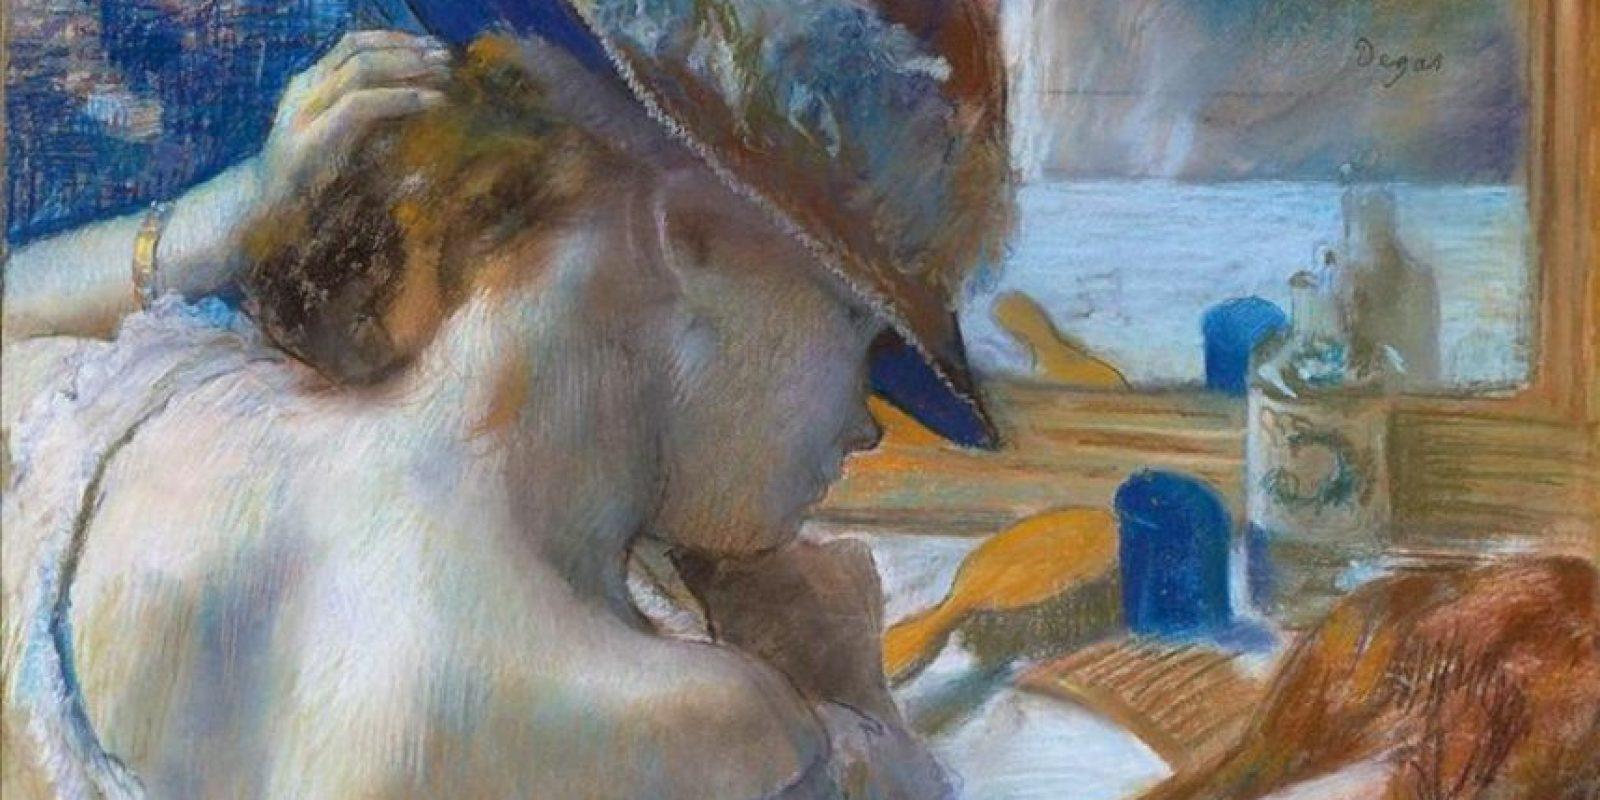 """Imagen cedida por la Funación Beyerler de la obra """"Devant le miroir"""" (1889) de Edgar Degas, que forma parte de una exposición retrospectiva que dedica la Fundación Beyeler, de Basilea, a las obras tardías de este autor, influenciadas por la corriente del Modernismo y por una clara obsesión por el éxtasis cromático. EFE"""